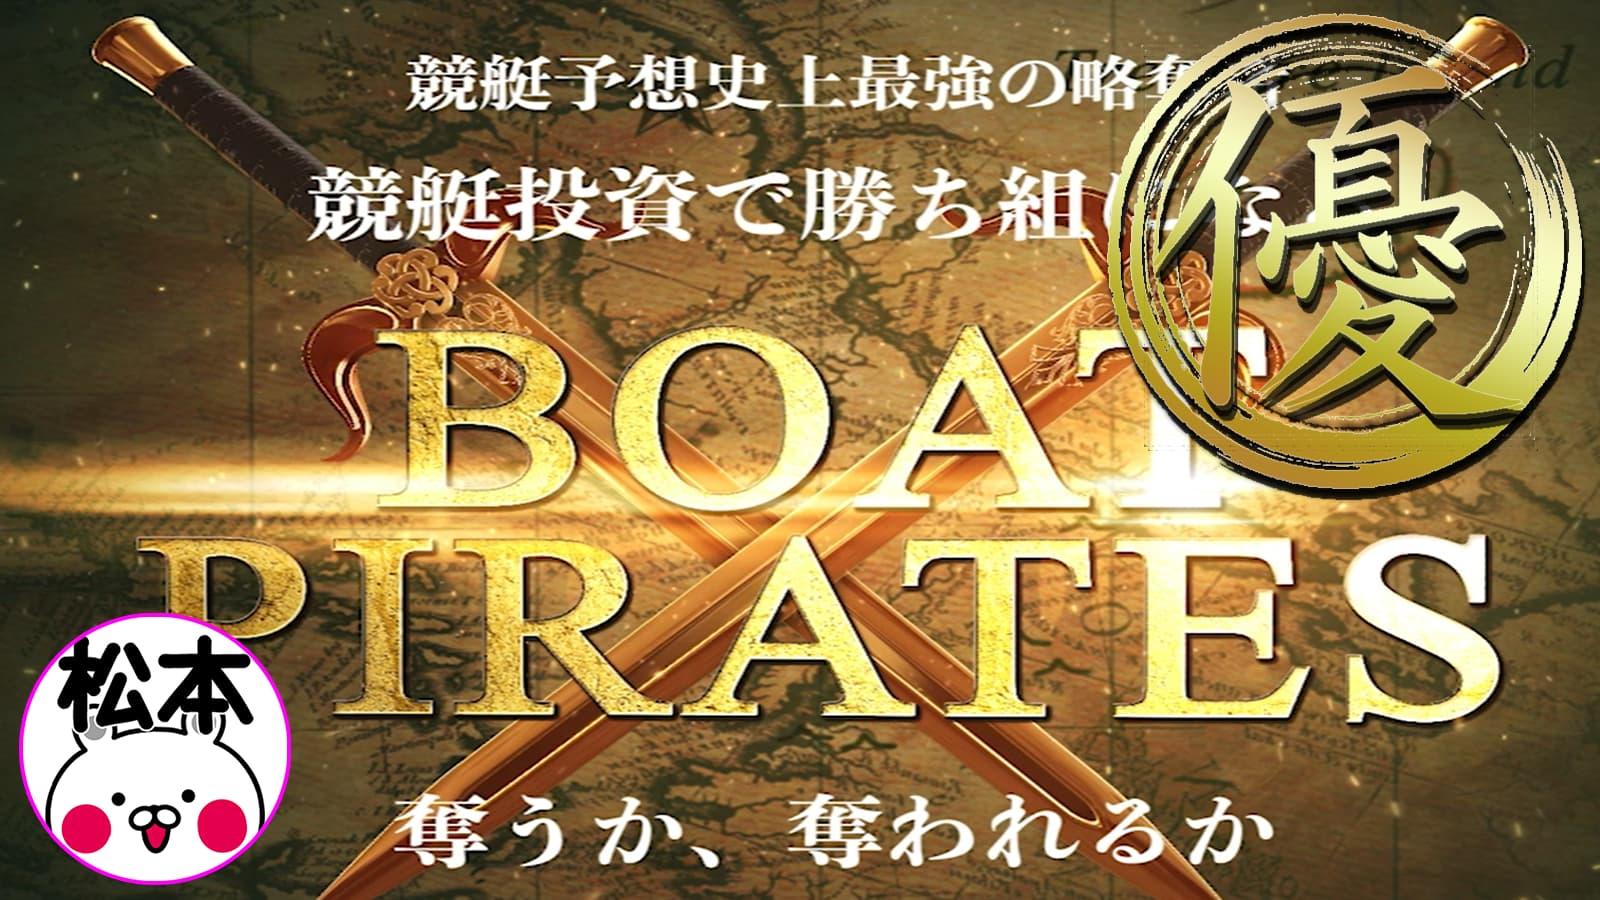 優良競艇予想サイト ボートパイレーツ(BOATPIRATES) 口コミ